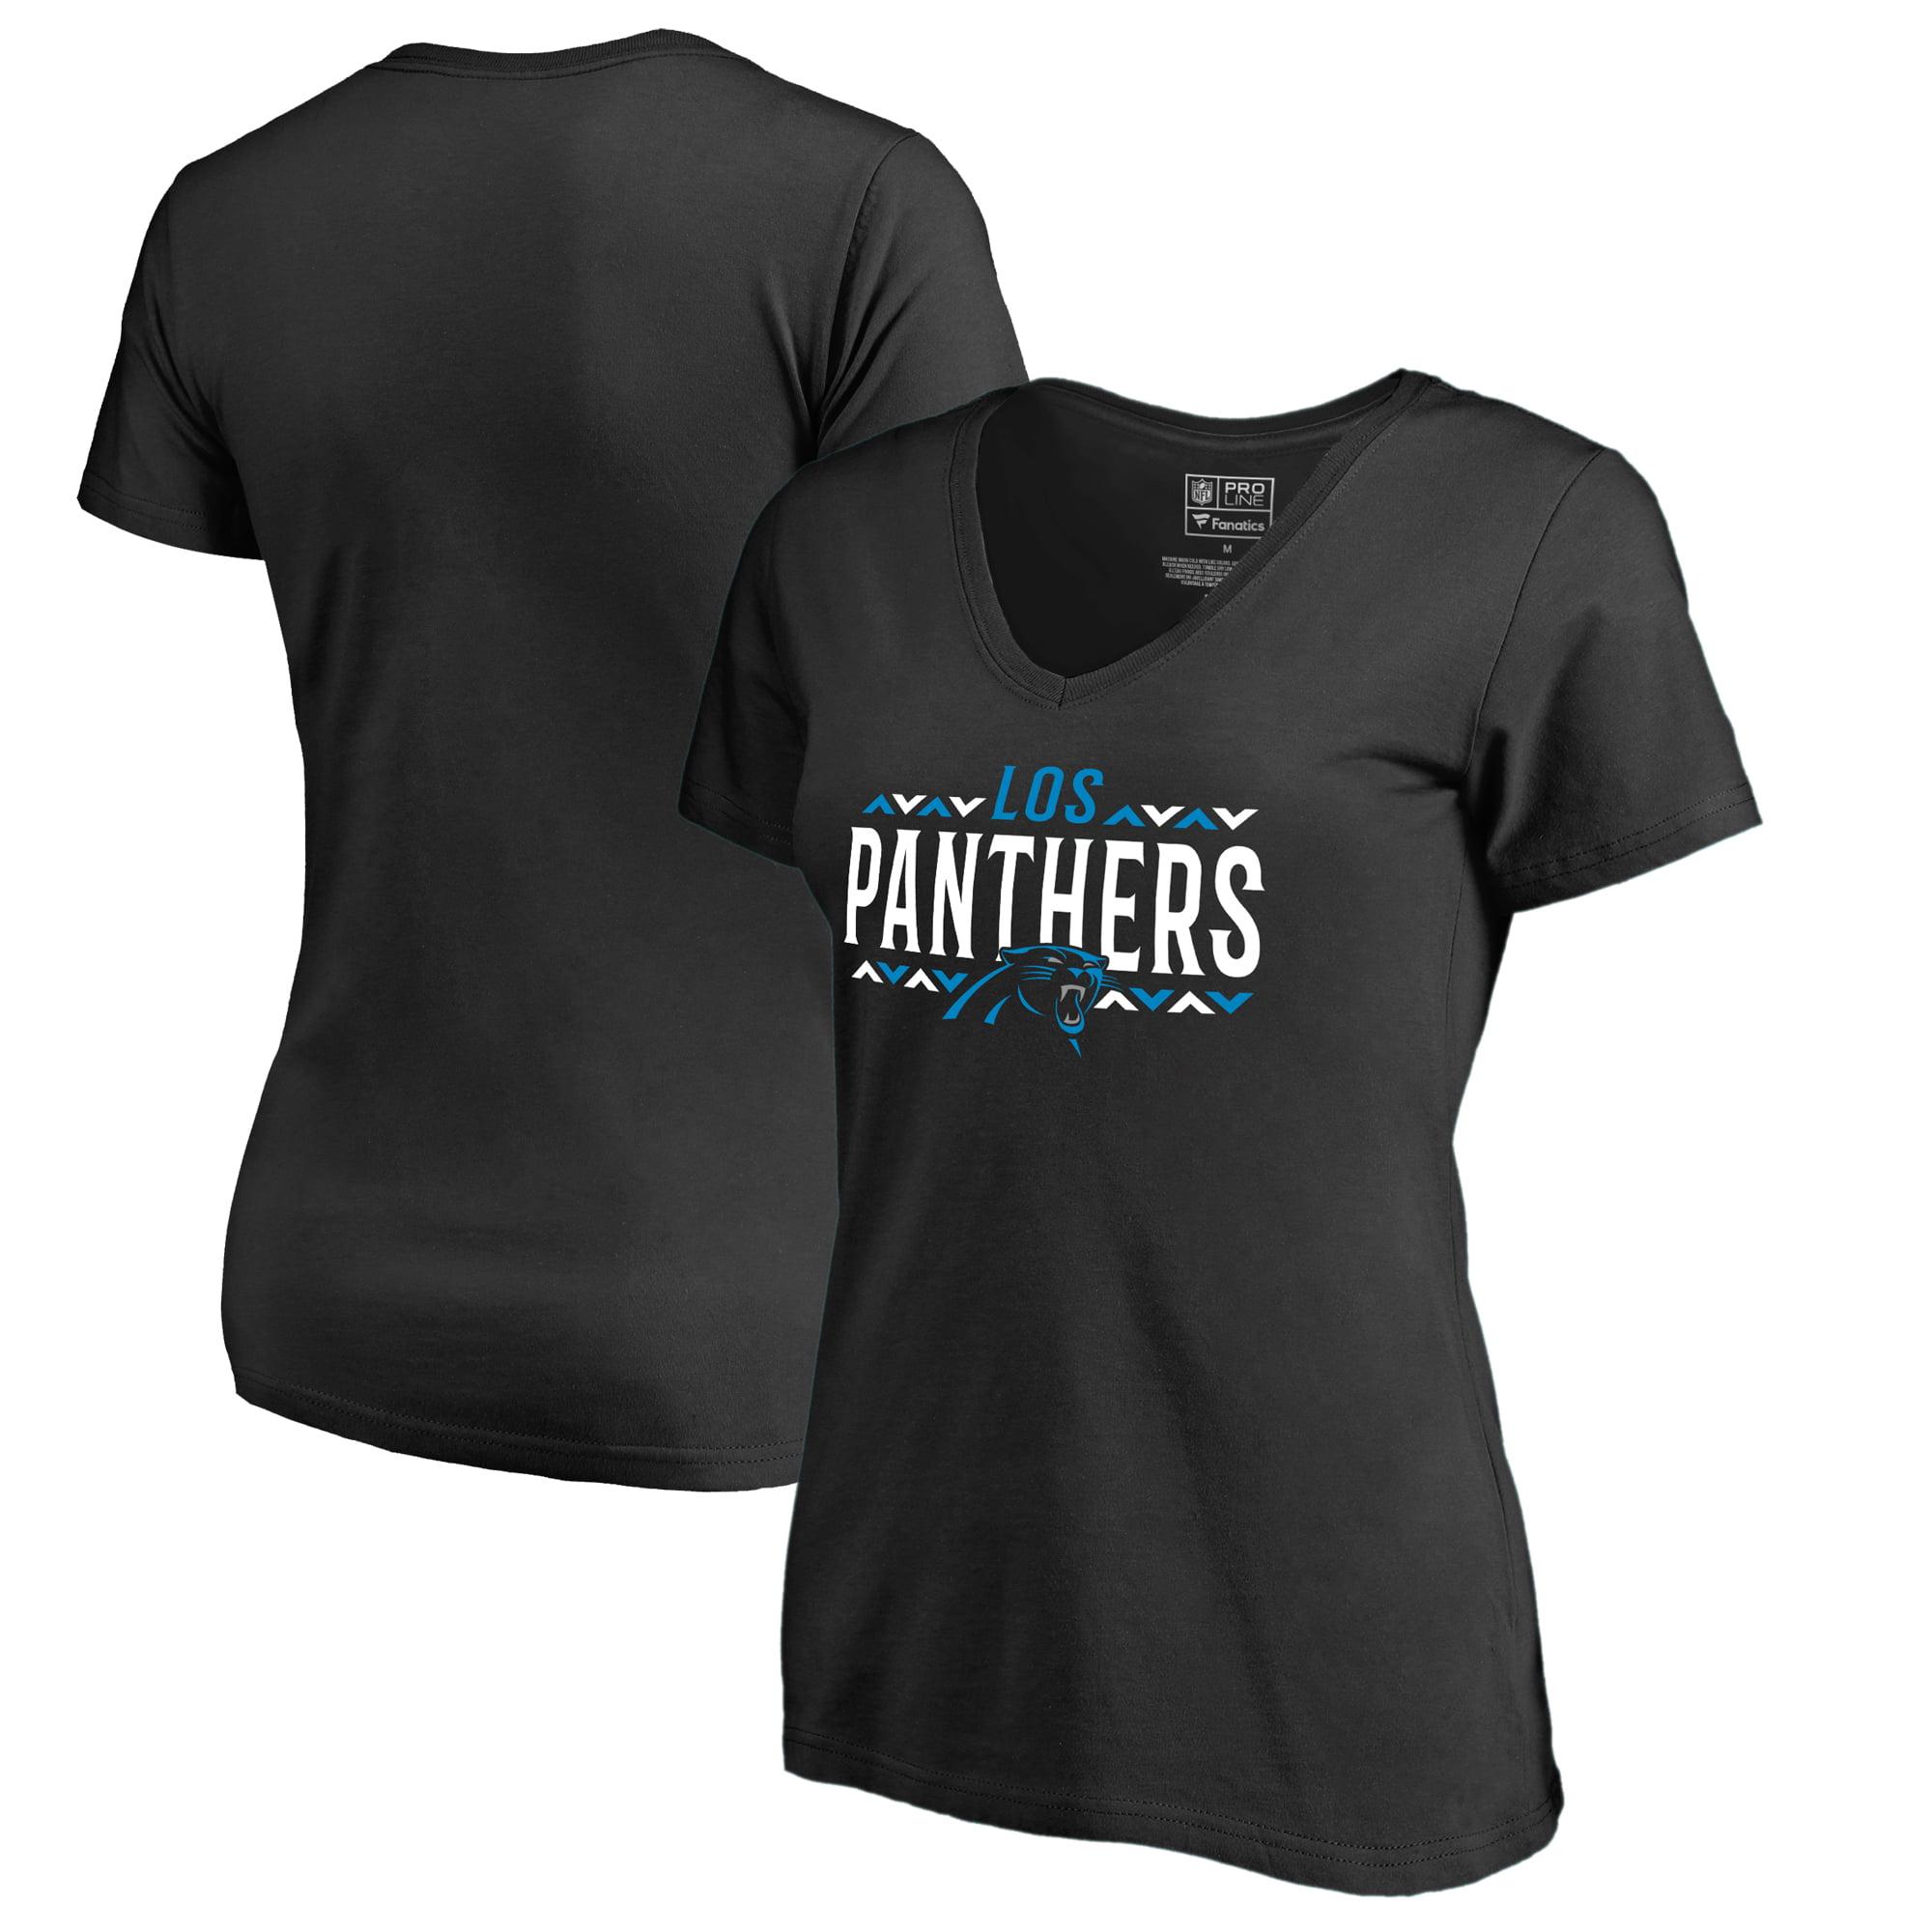 Carolina Panthers NFL Pro Line by Fanatics Branded Women's Arriba V-Neck T-Shirt - Black